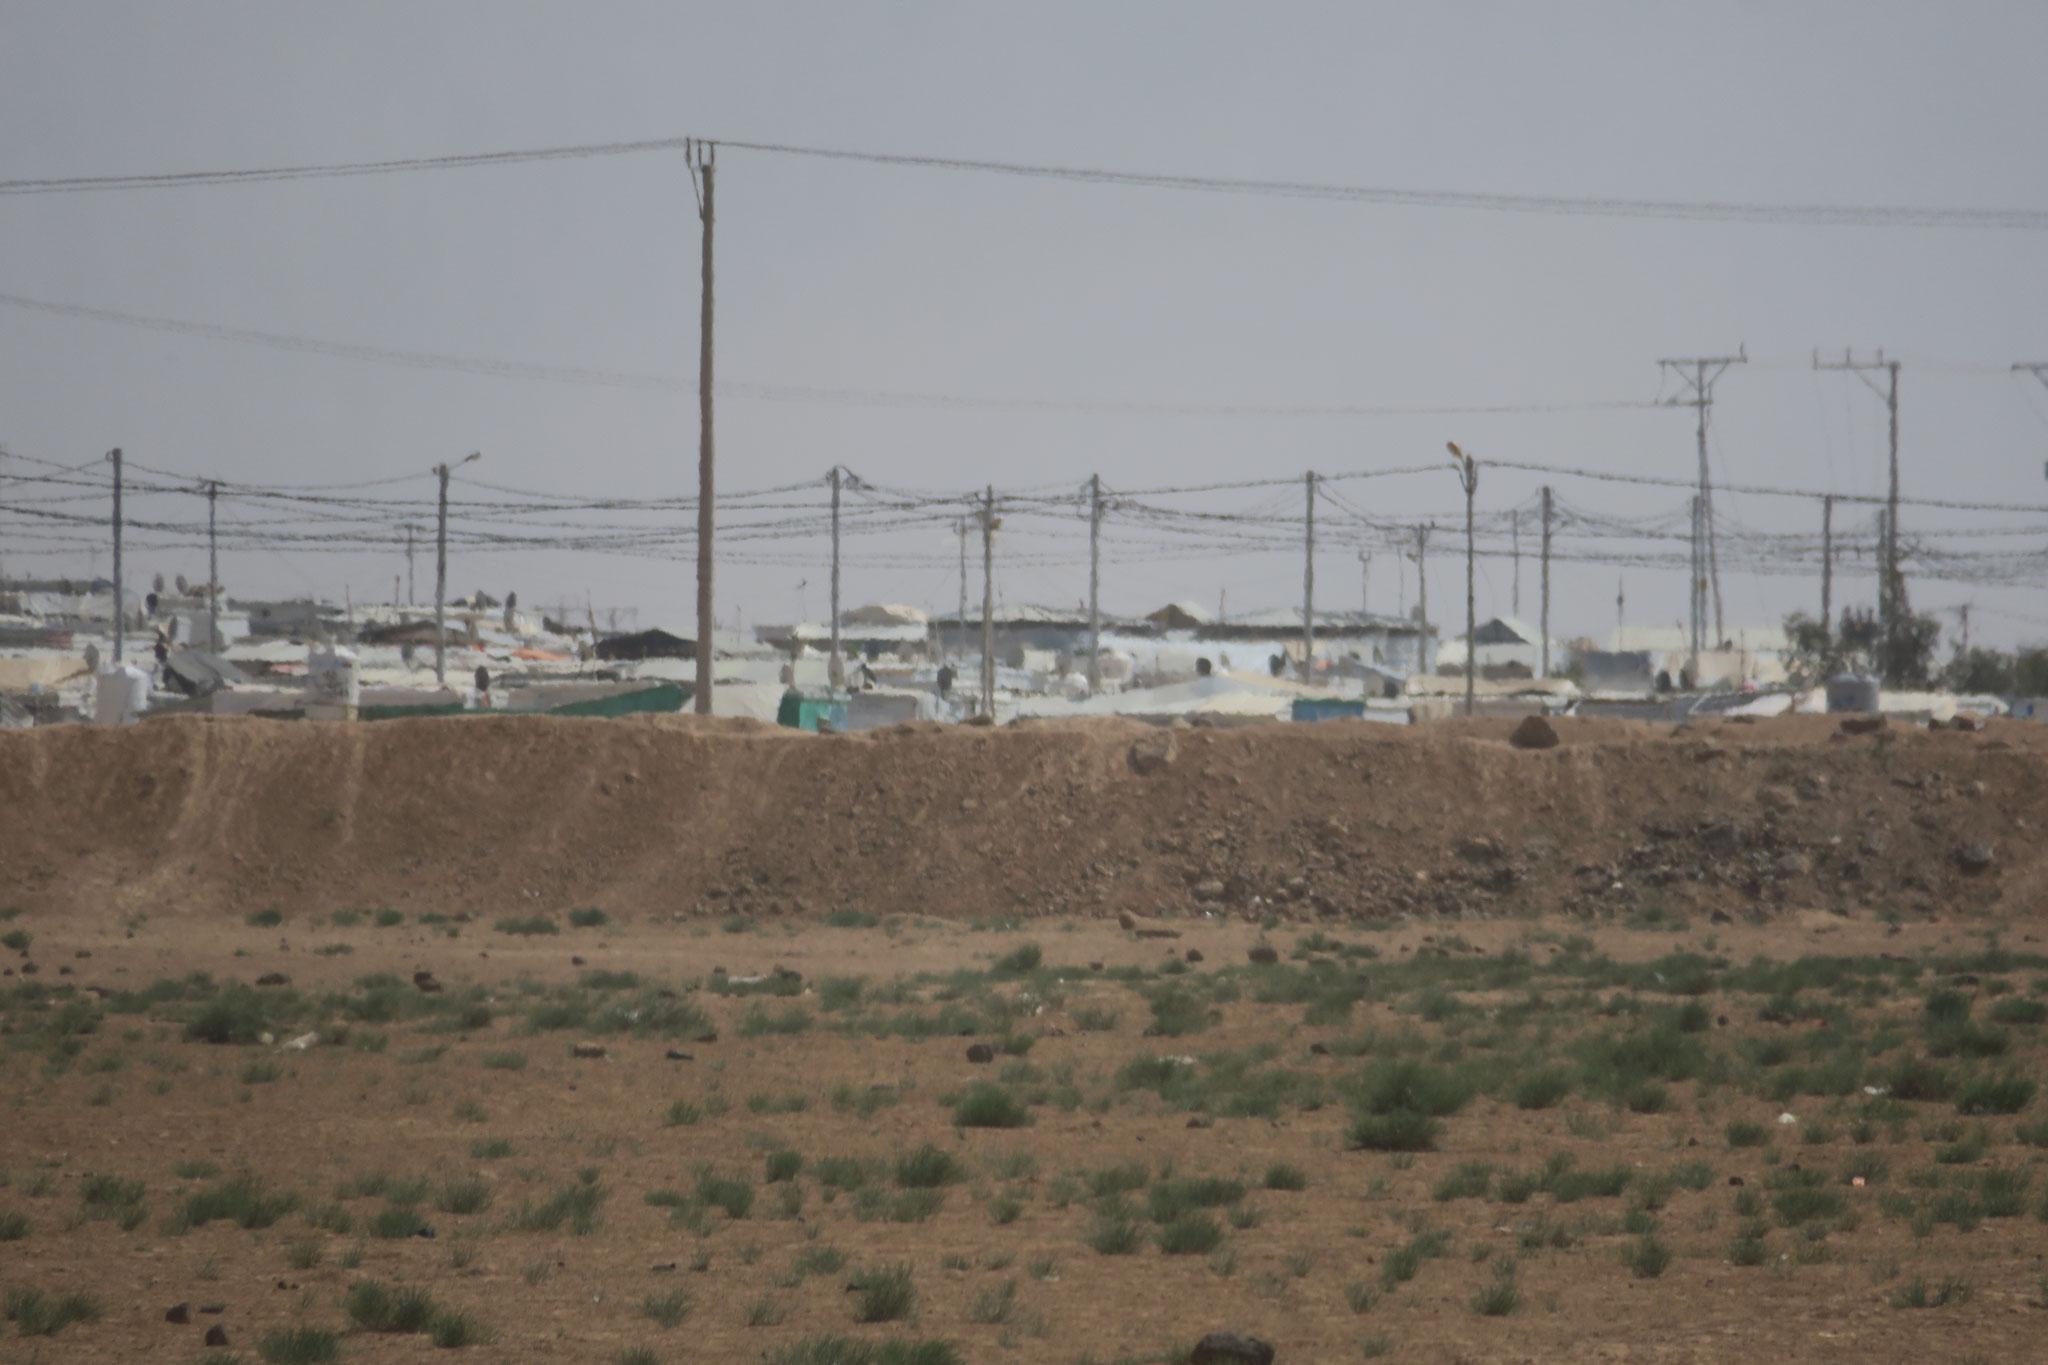 Flüchtlingslager in der Nähe von Mafraq: Jordanien ist massiv vom Syrien-Krieg betroffen. Es hat rund 660.000 syrische Flüchtlinge aufgenommen.